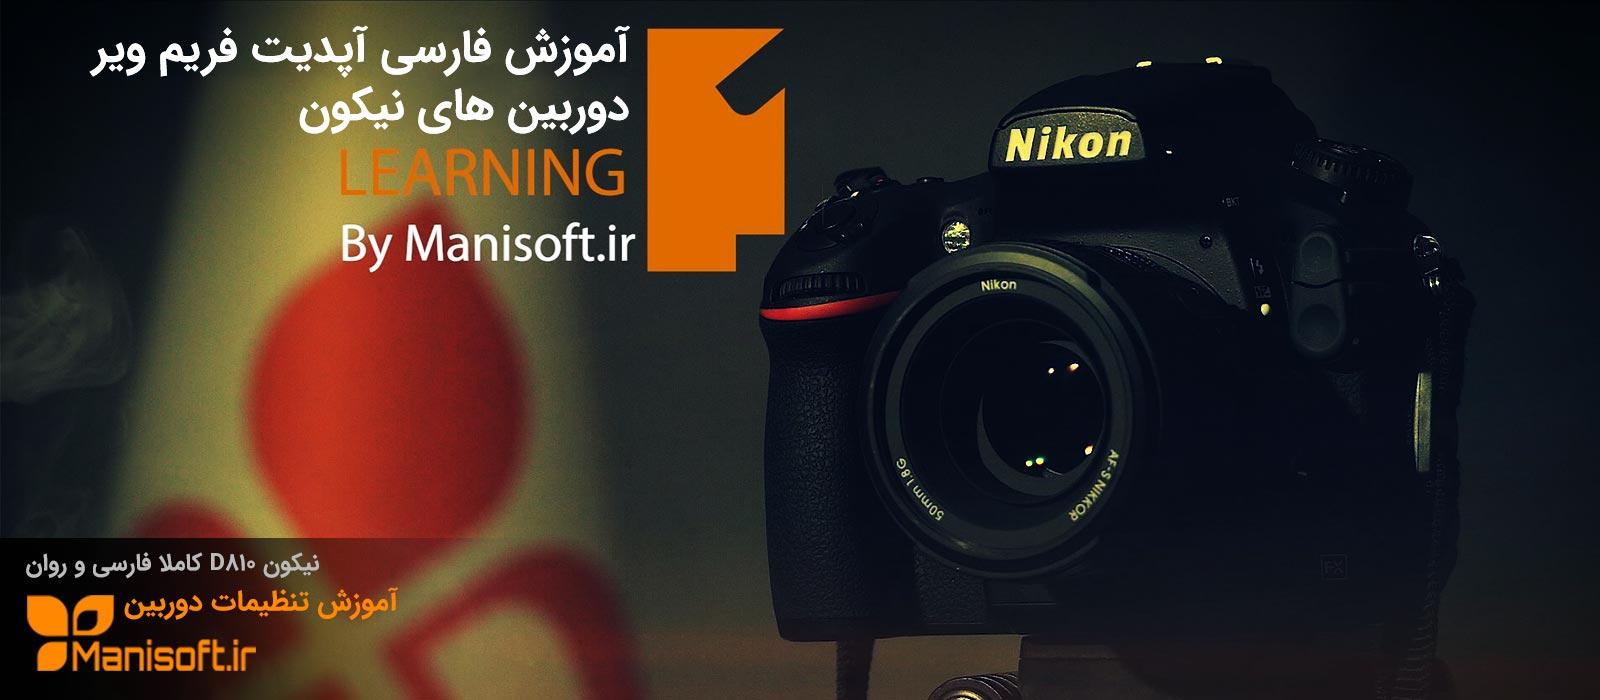 آموزش فارسی و کامل آپدیت فریم ویر دوربین های نیکون